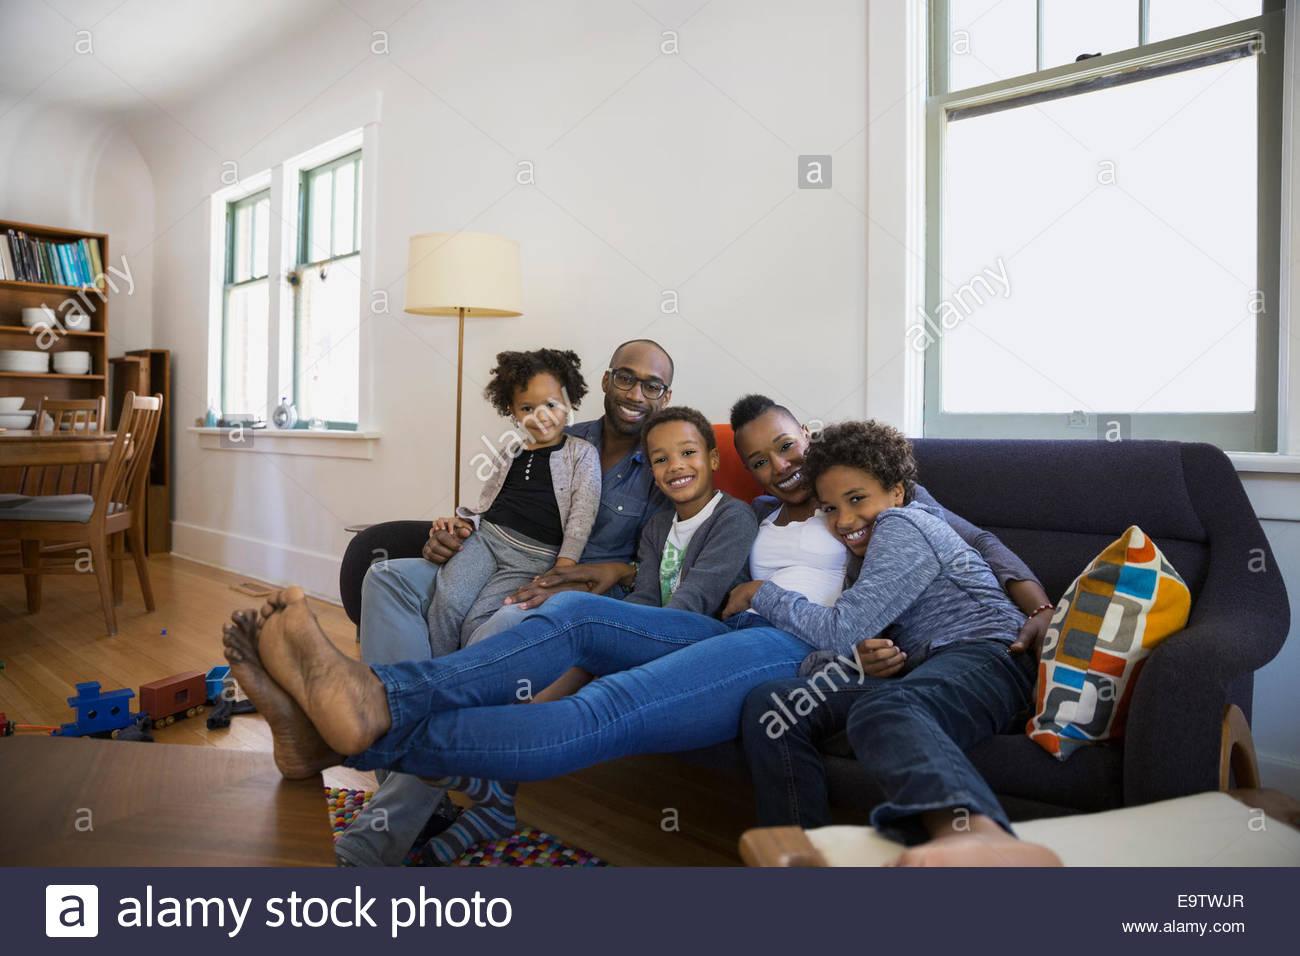 Portrait of smiling family sur salon canapé Photo Stock